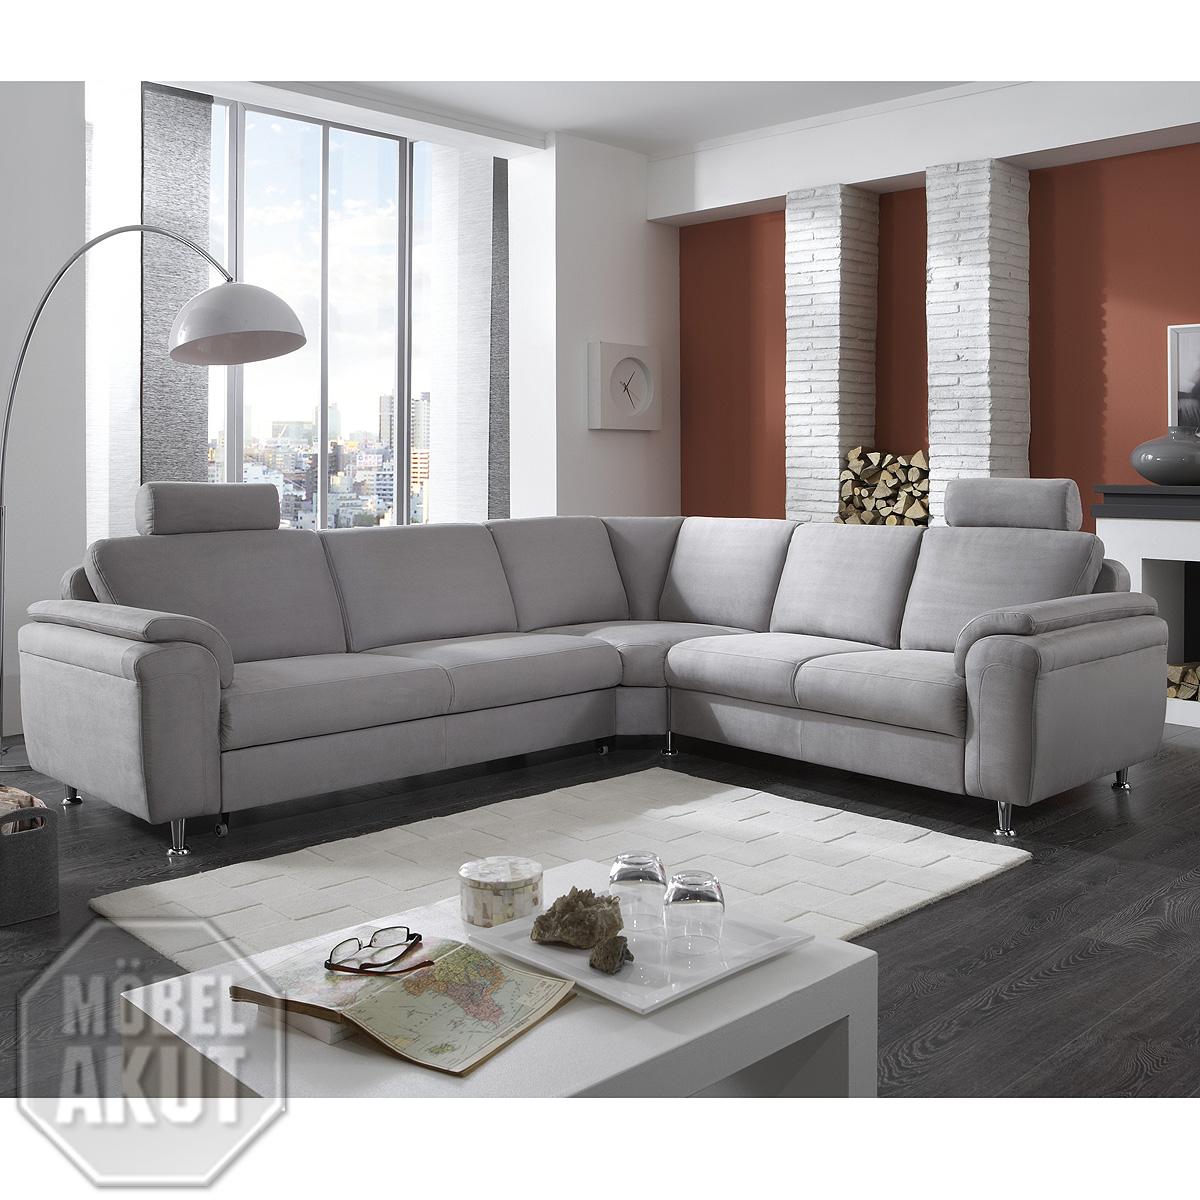 Wohnlandschaft oxfort eck garnitur sofa stoff alu grau mit for Wohnlandschaft grau stoff